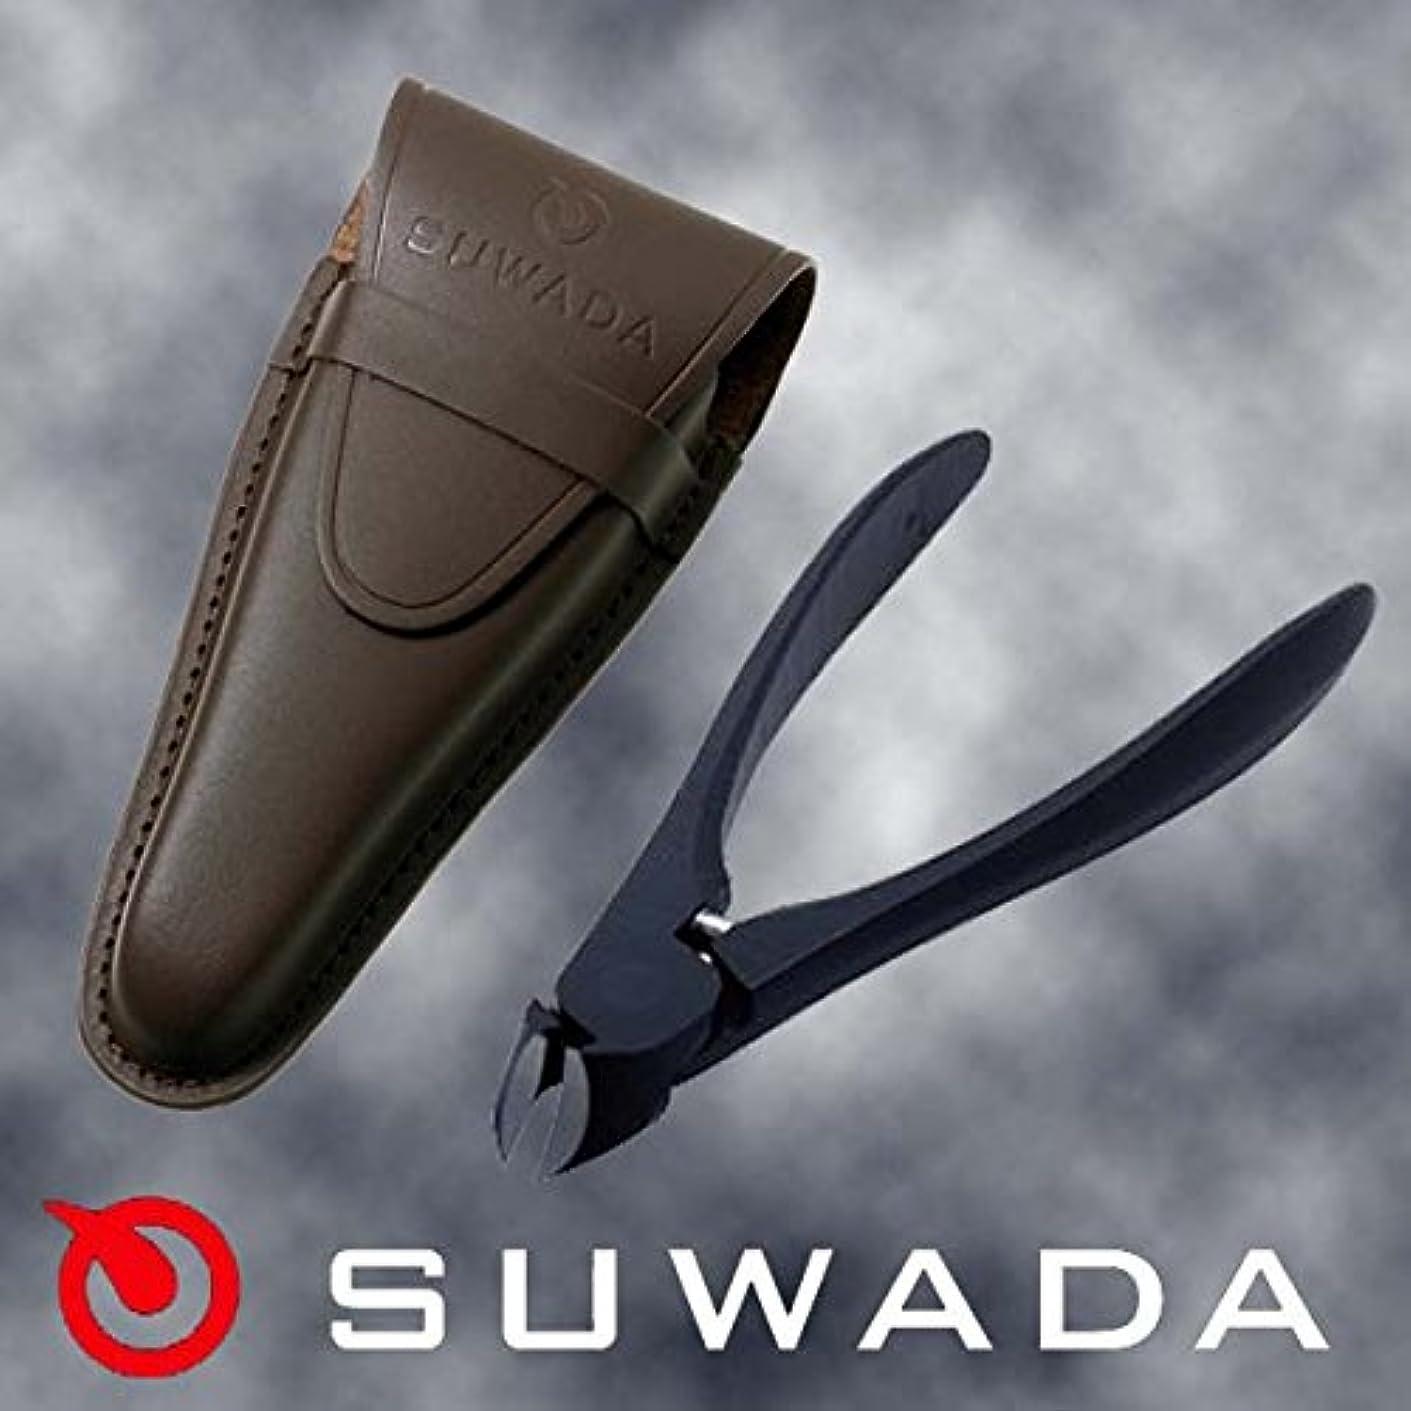 名誉ある従来の解説SUWADA爪切りブラックL&ブラウン革ケースセット 諏訪田製作所 スワダの爪切り